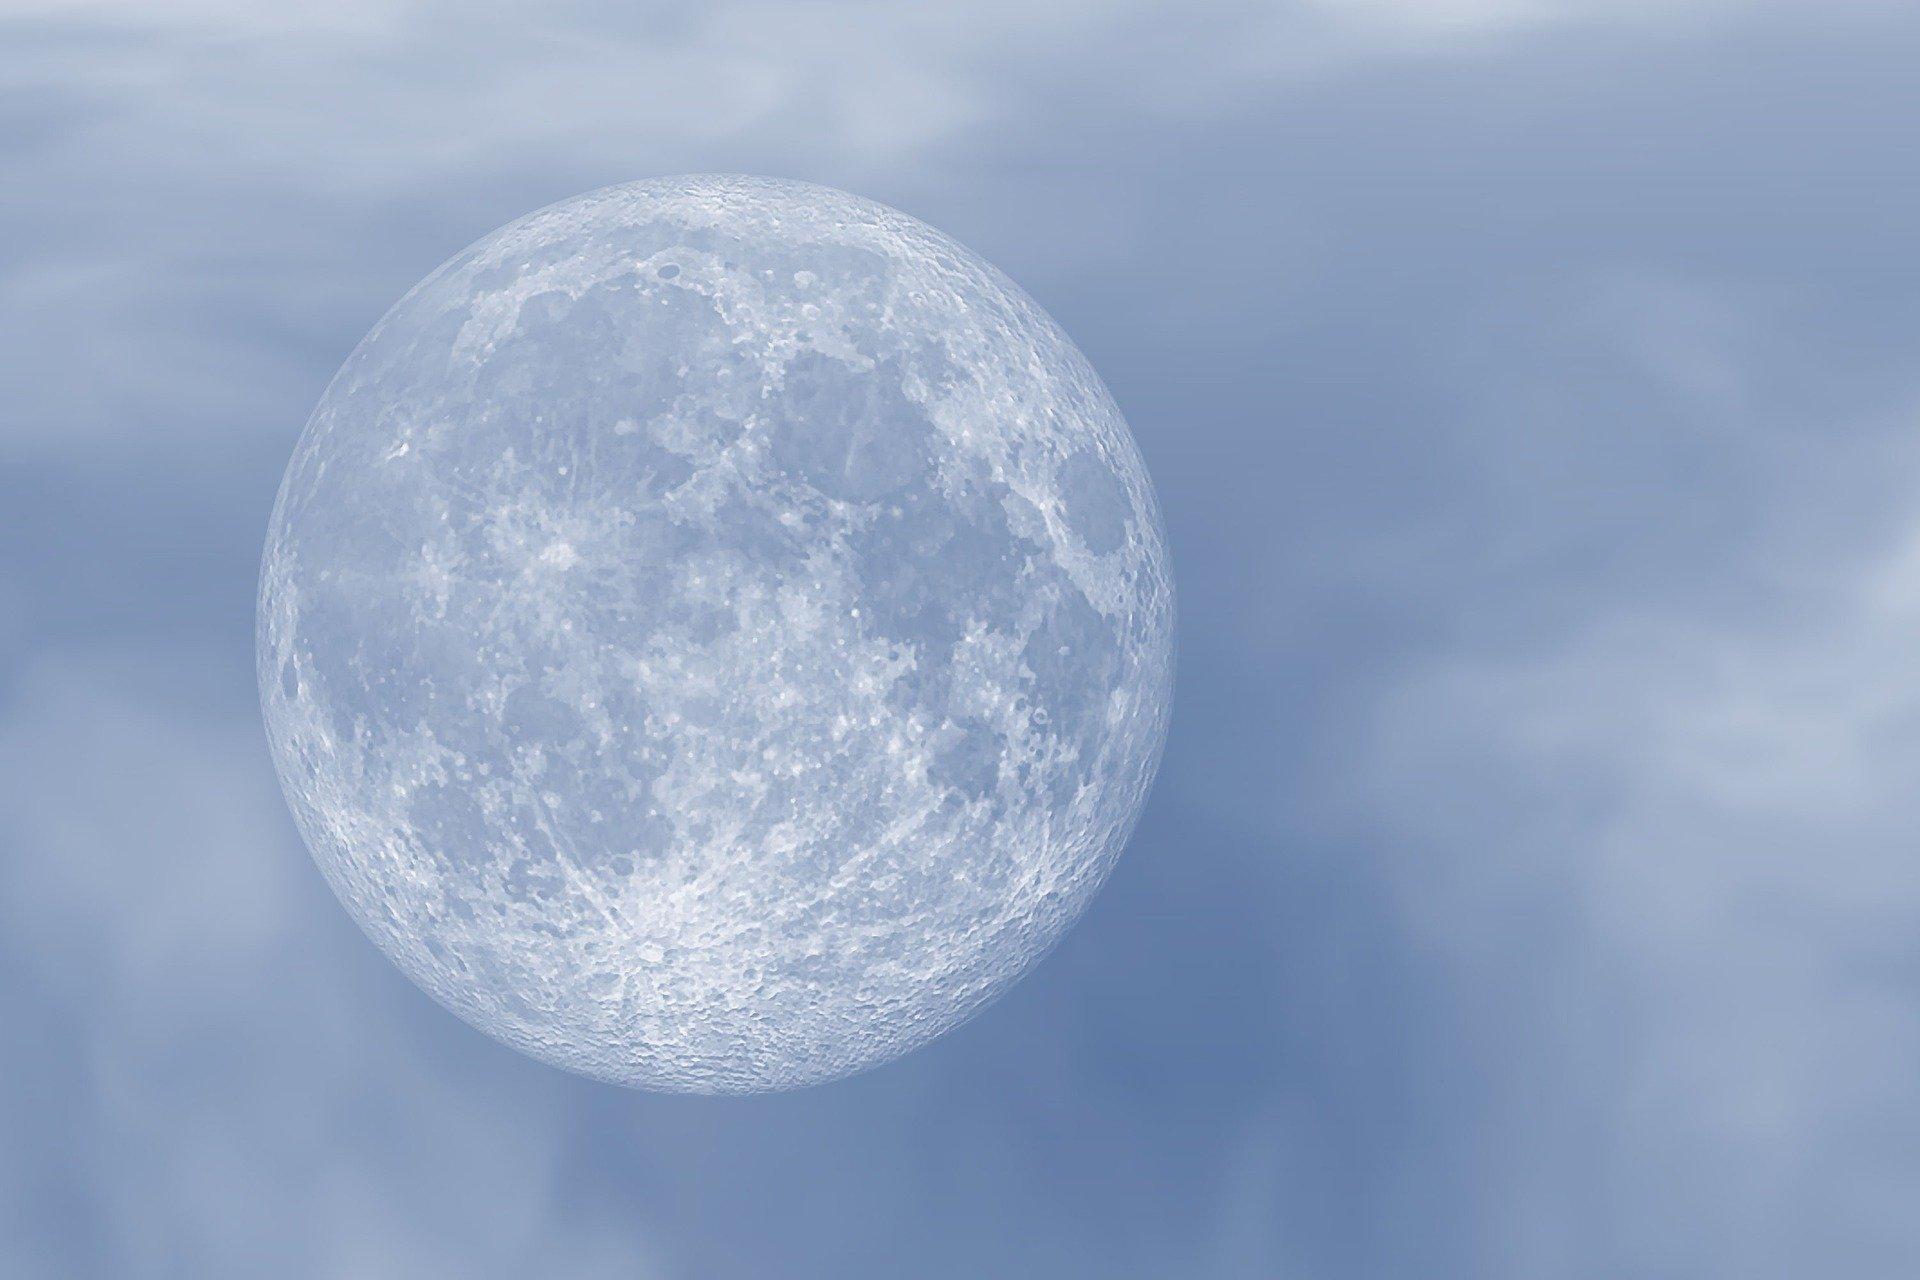 La lune bleue, phénomène astronomique remarquable